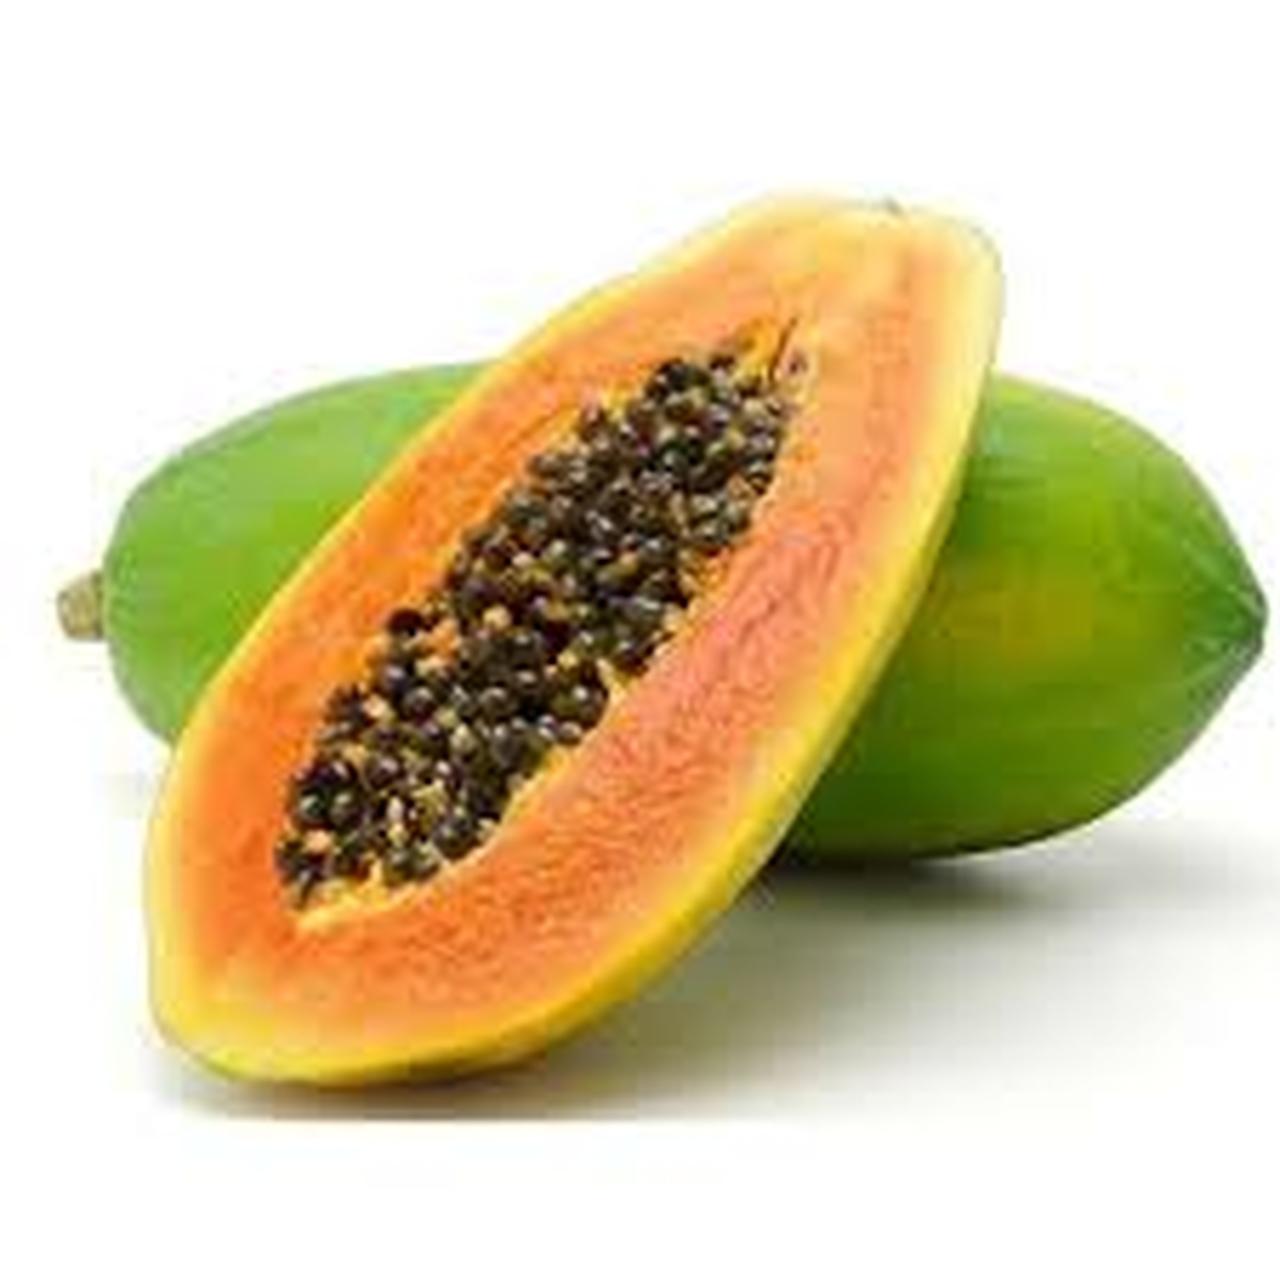 MAMAO FORMOSA 1/2 UNIDADE  - JJPIVOTTO - Comercio de Frutas